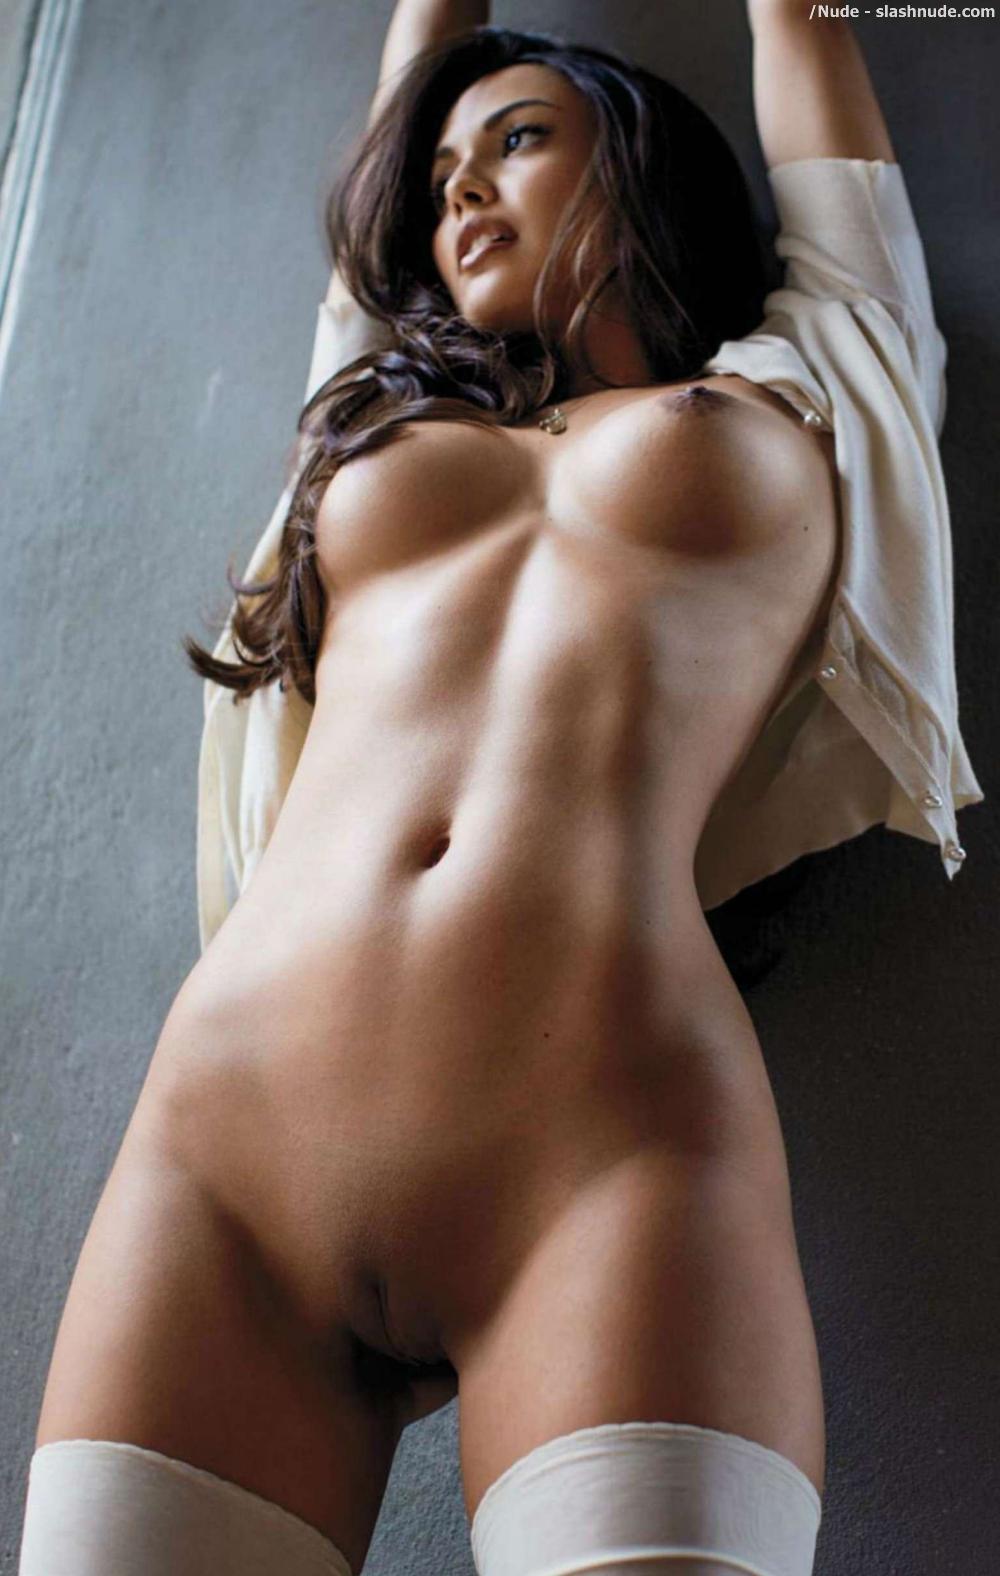 samie-luchshie-eroticheskie-foto